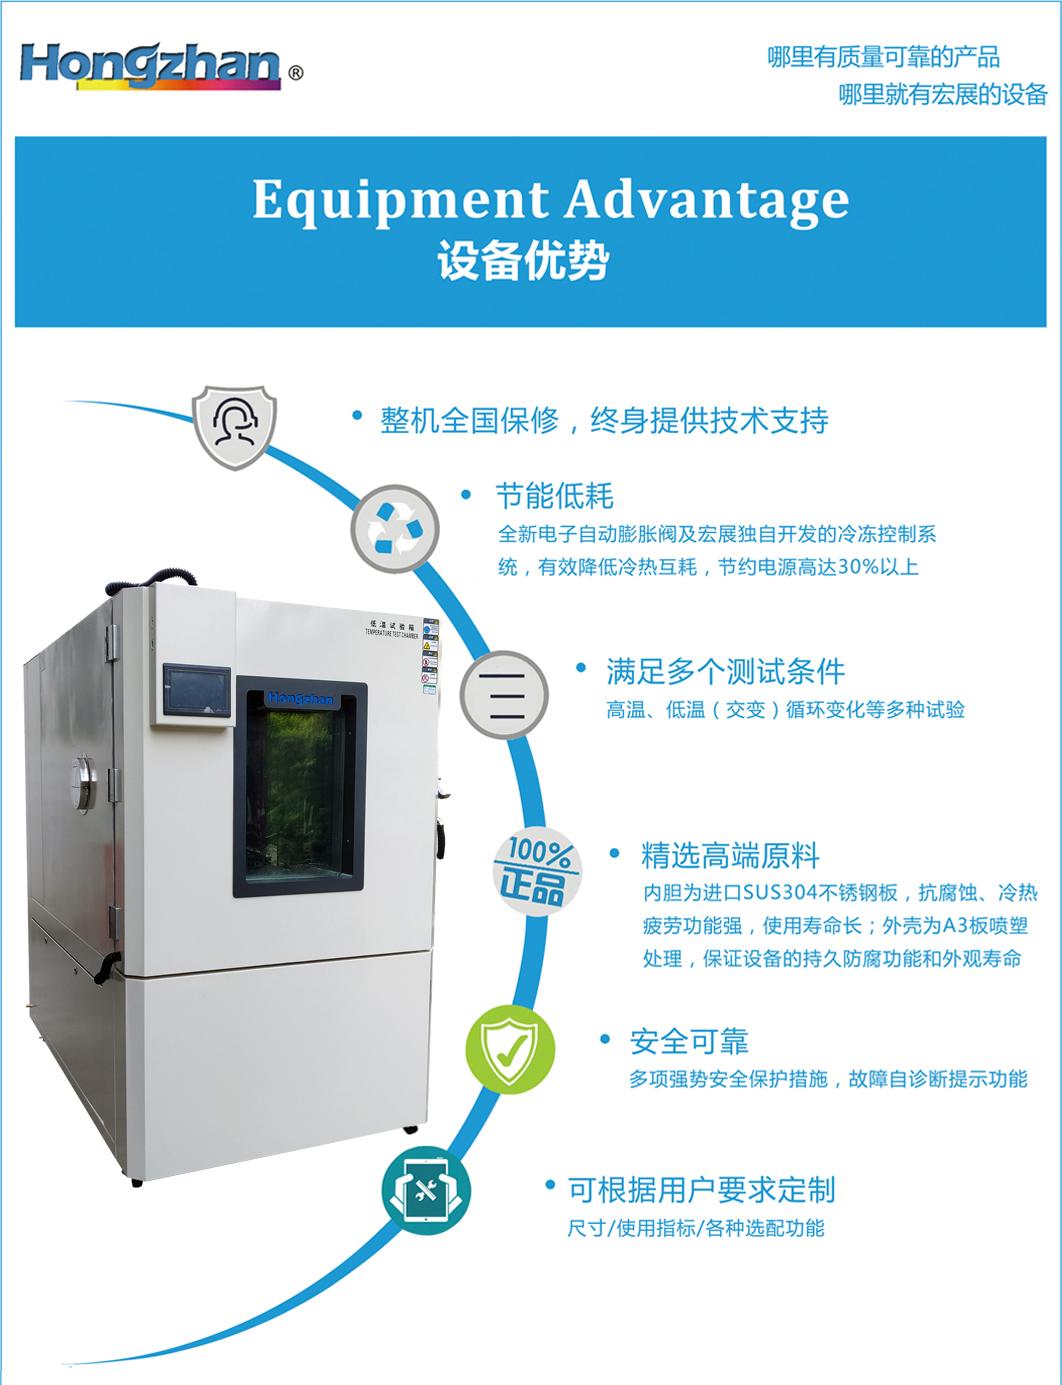 高低溫交變試驗箱,高低溫交變箱,高低溫交變實驗箱技術優勢:節能低耗、滿足多個測試條件、零配件精選優異原料、全自動控制與保護協調系統、可根據用戶需求定制等